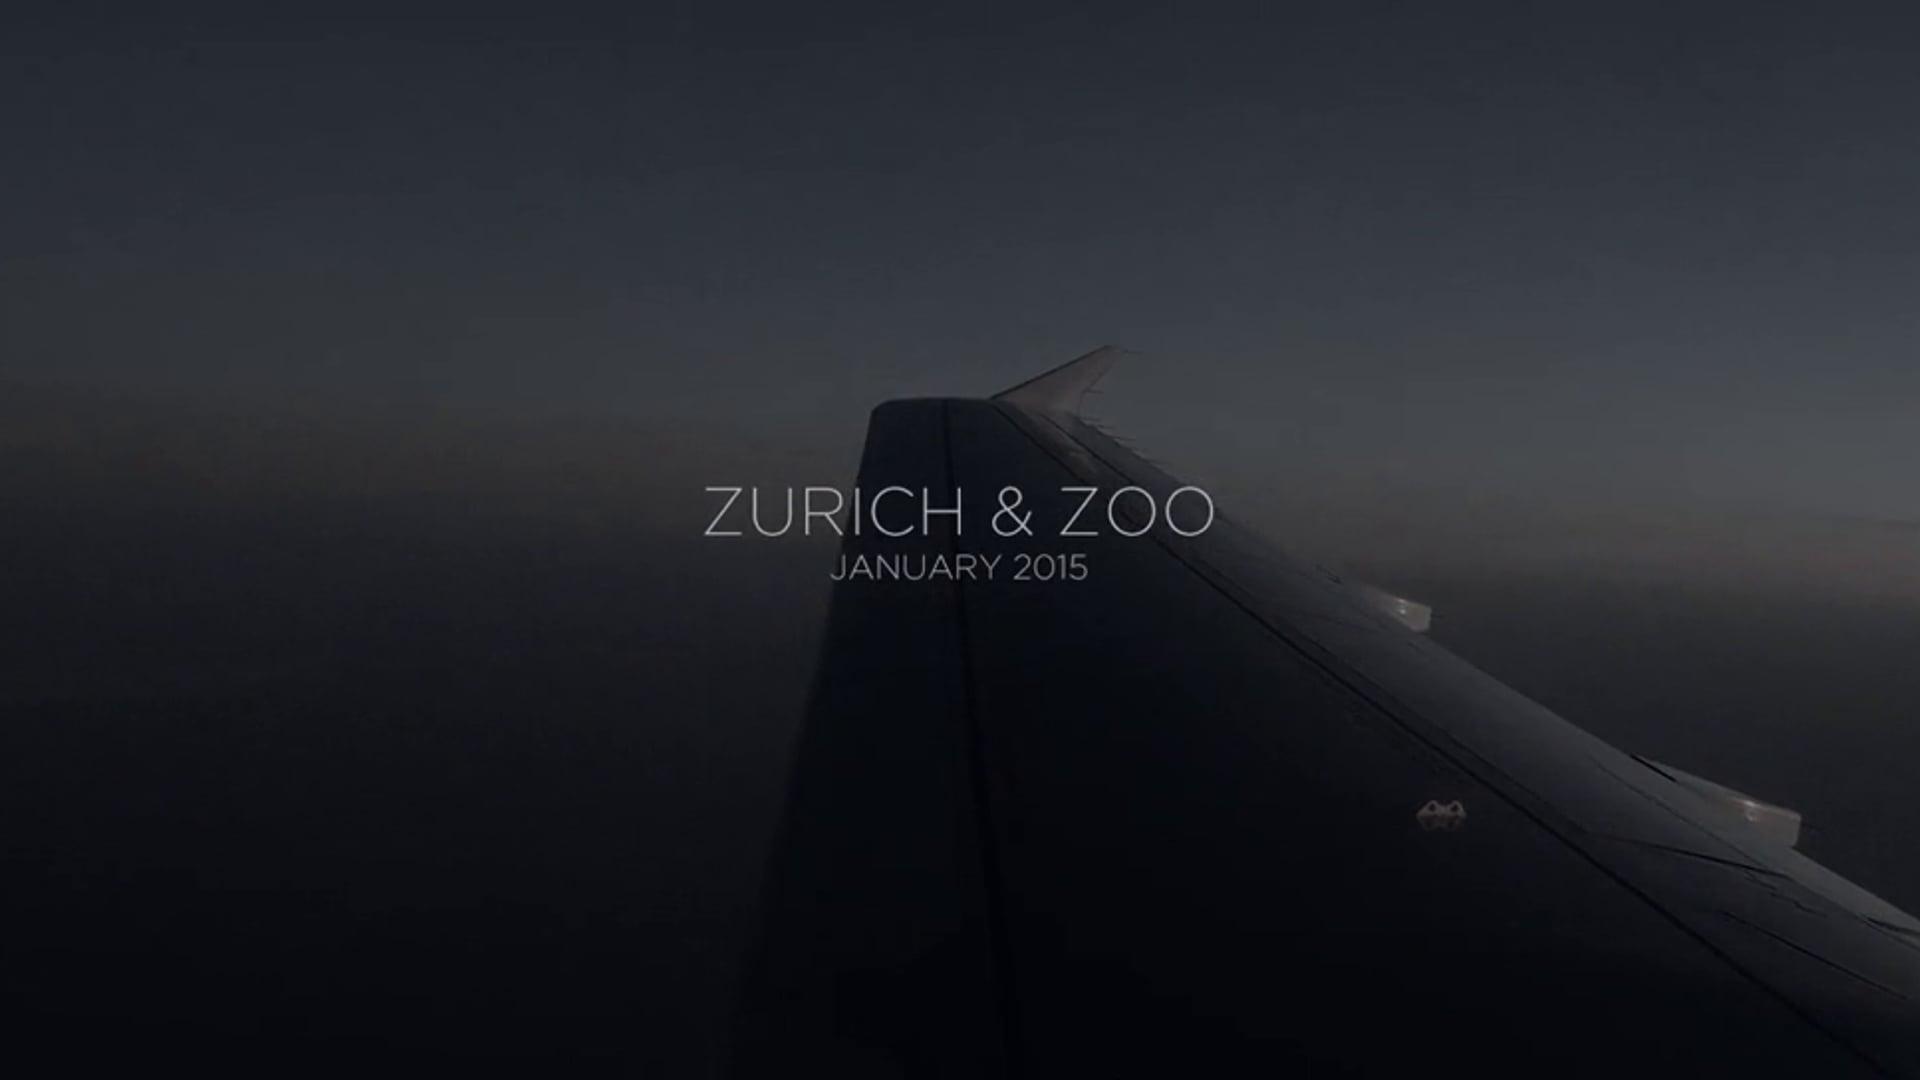 ZURICH & ZOO